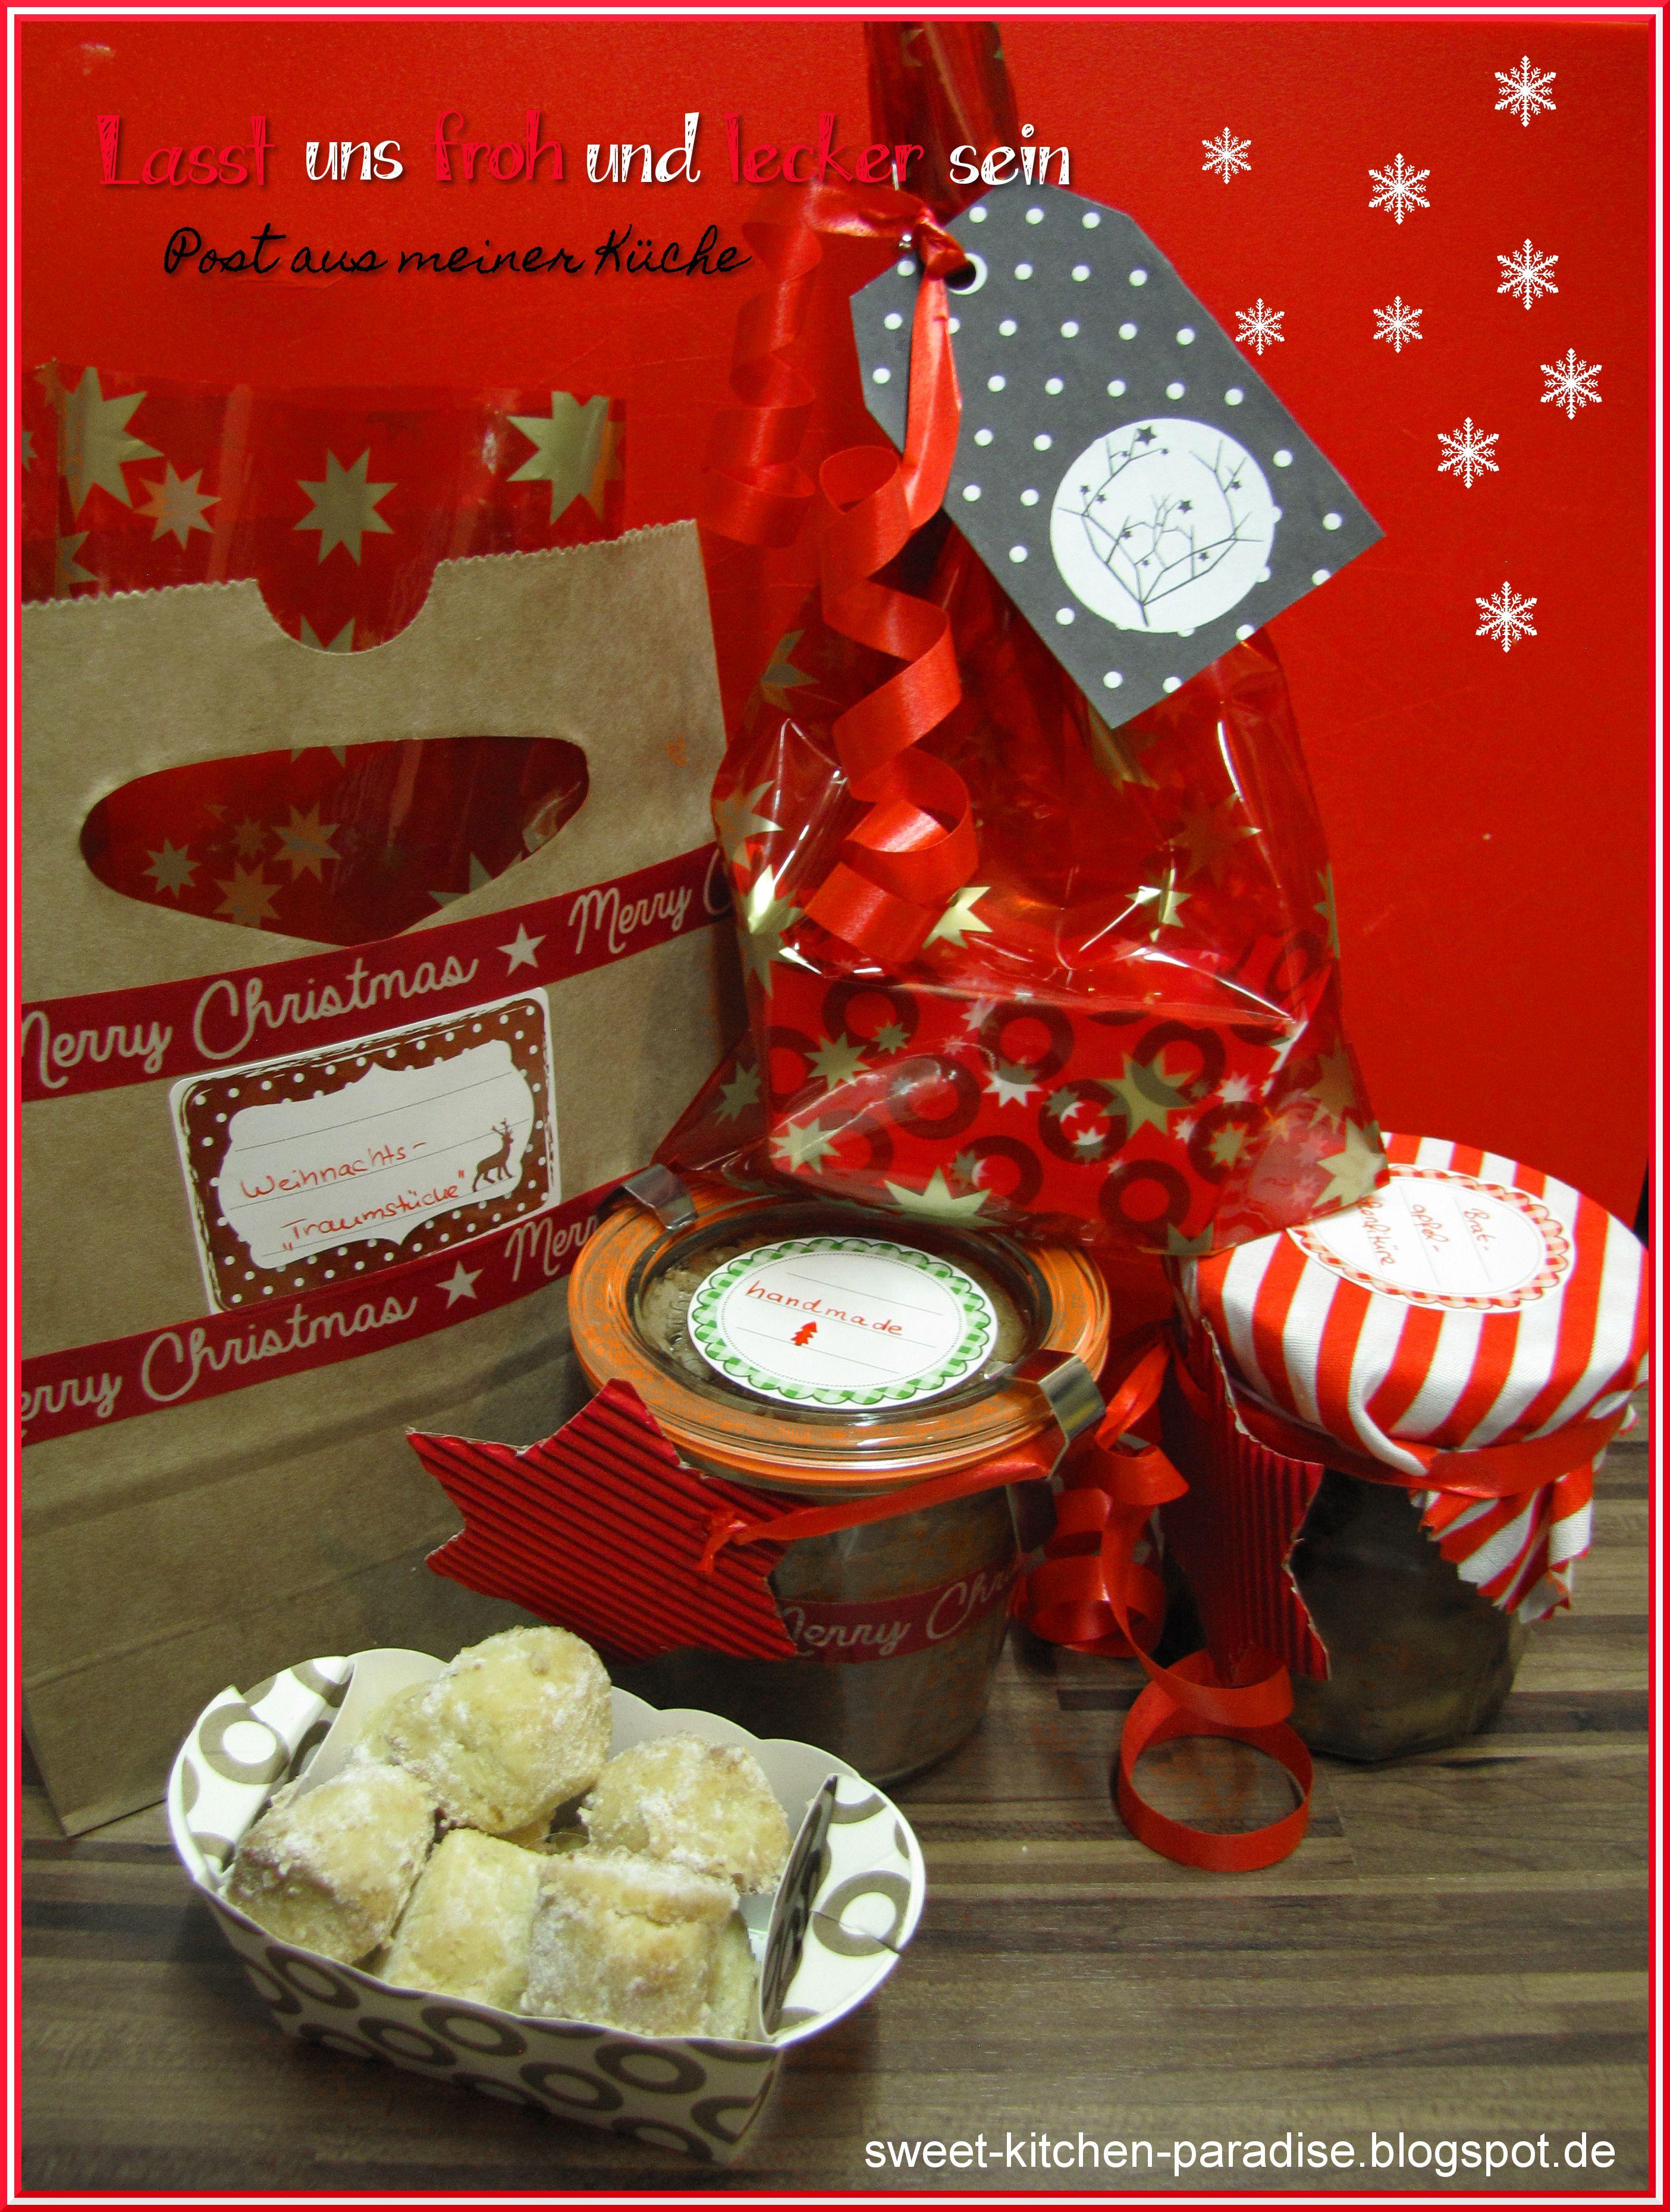 bratapfel konfit re winterzauber pralinen weihnachts traumst cke und ein weihnachtlicher. Black Bedroom Furniture Sets. Home Design Ideas